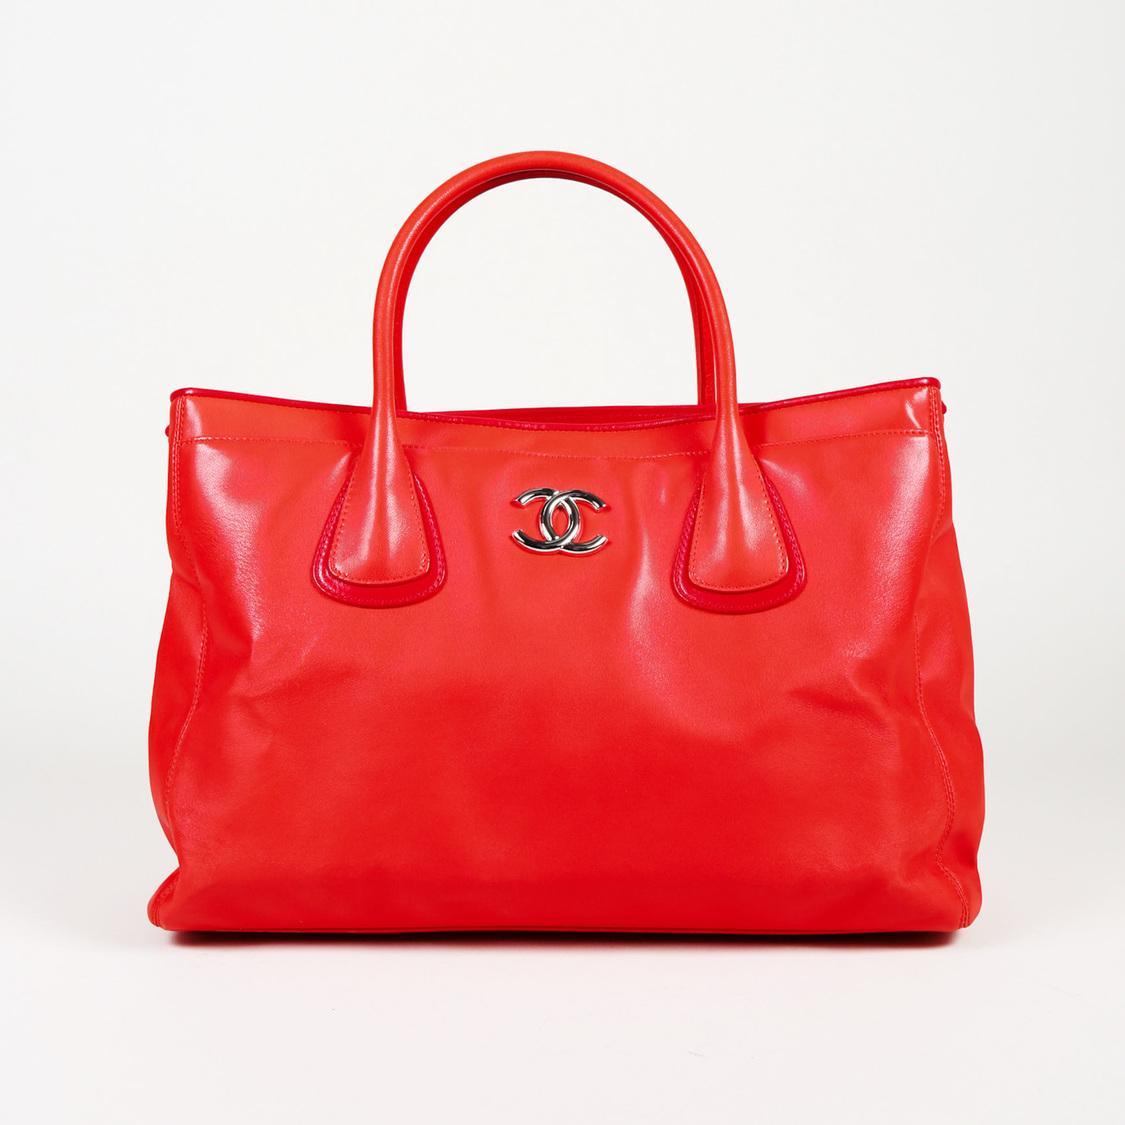 29615e2d63e3 Chanel 2008-2008 Lambskin Leather